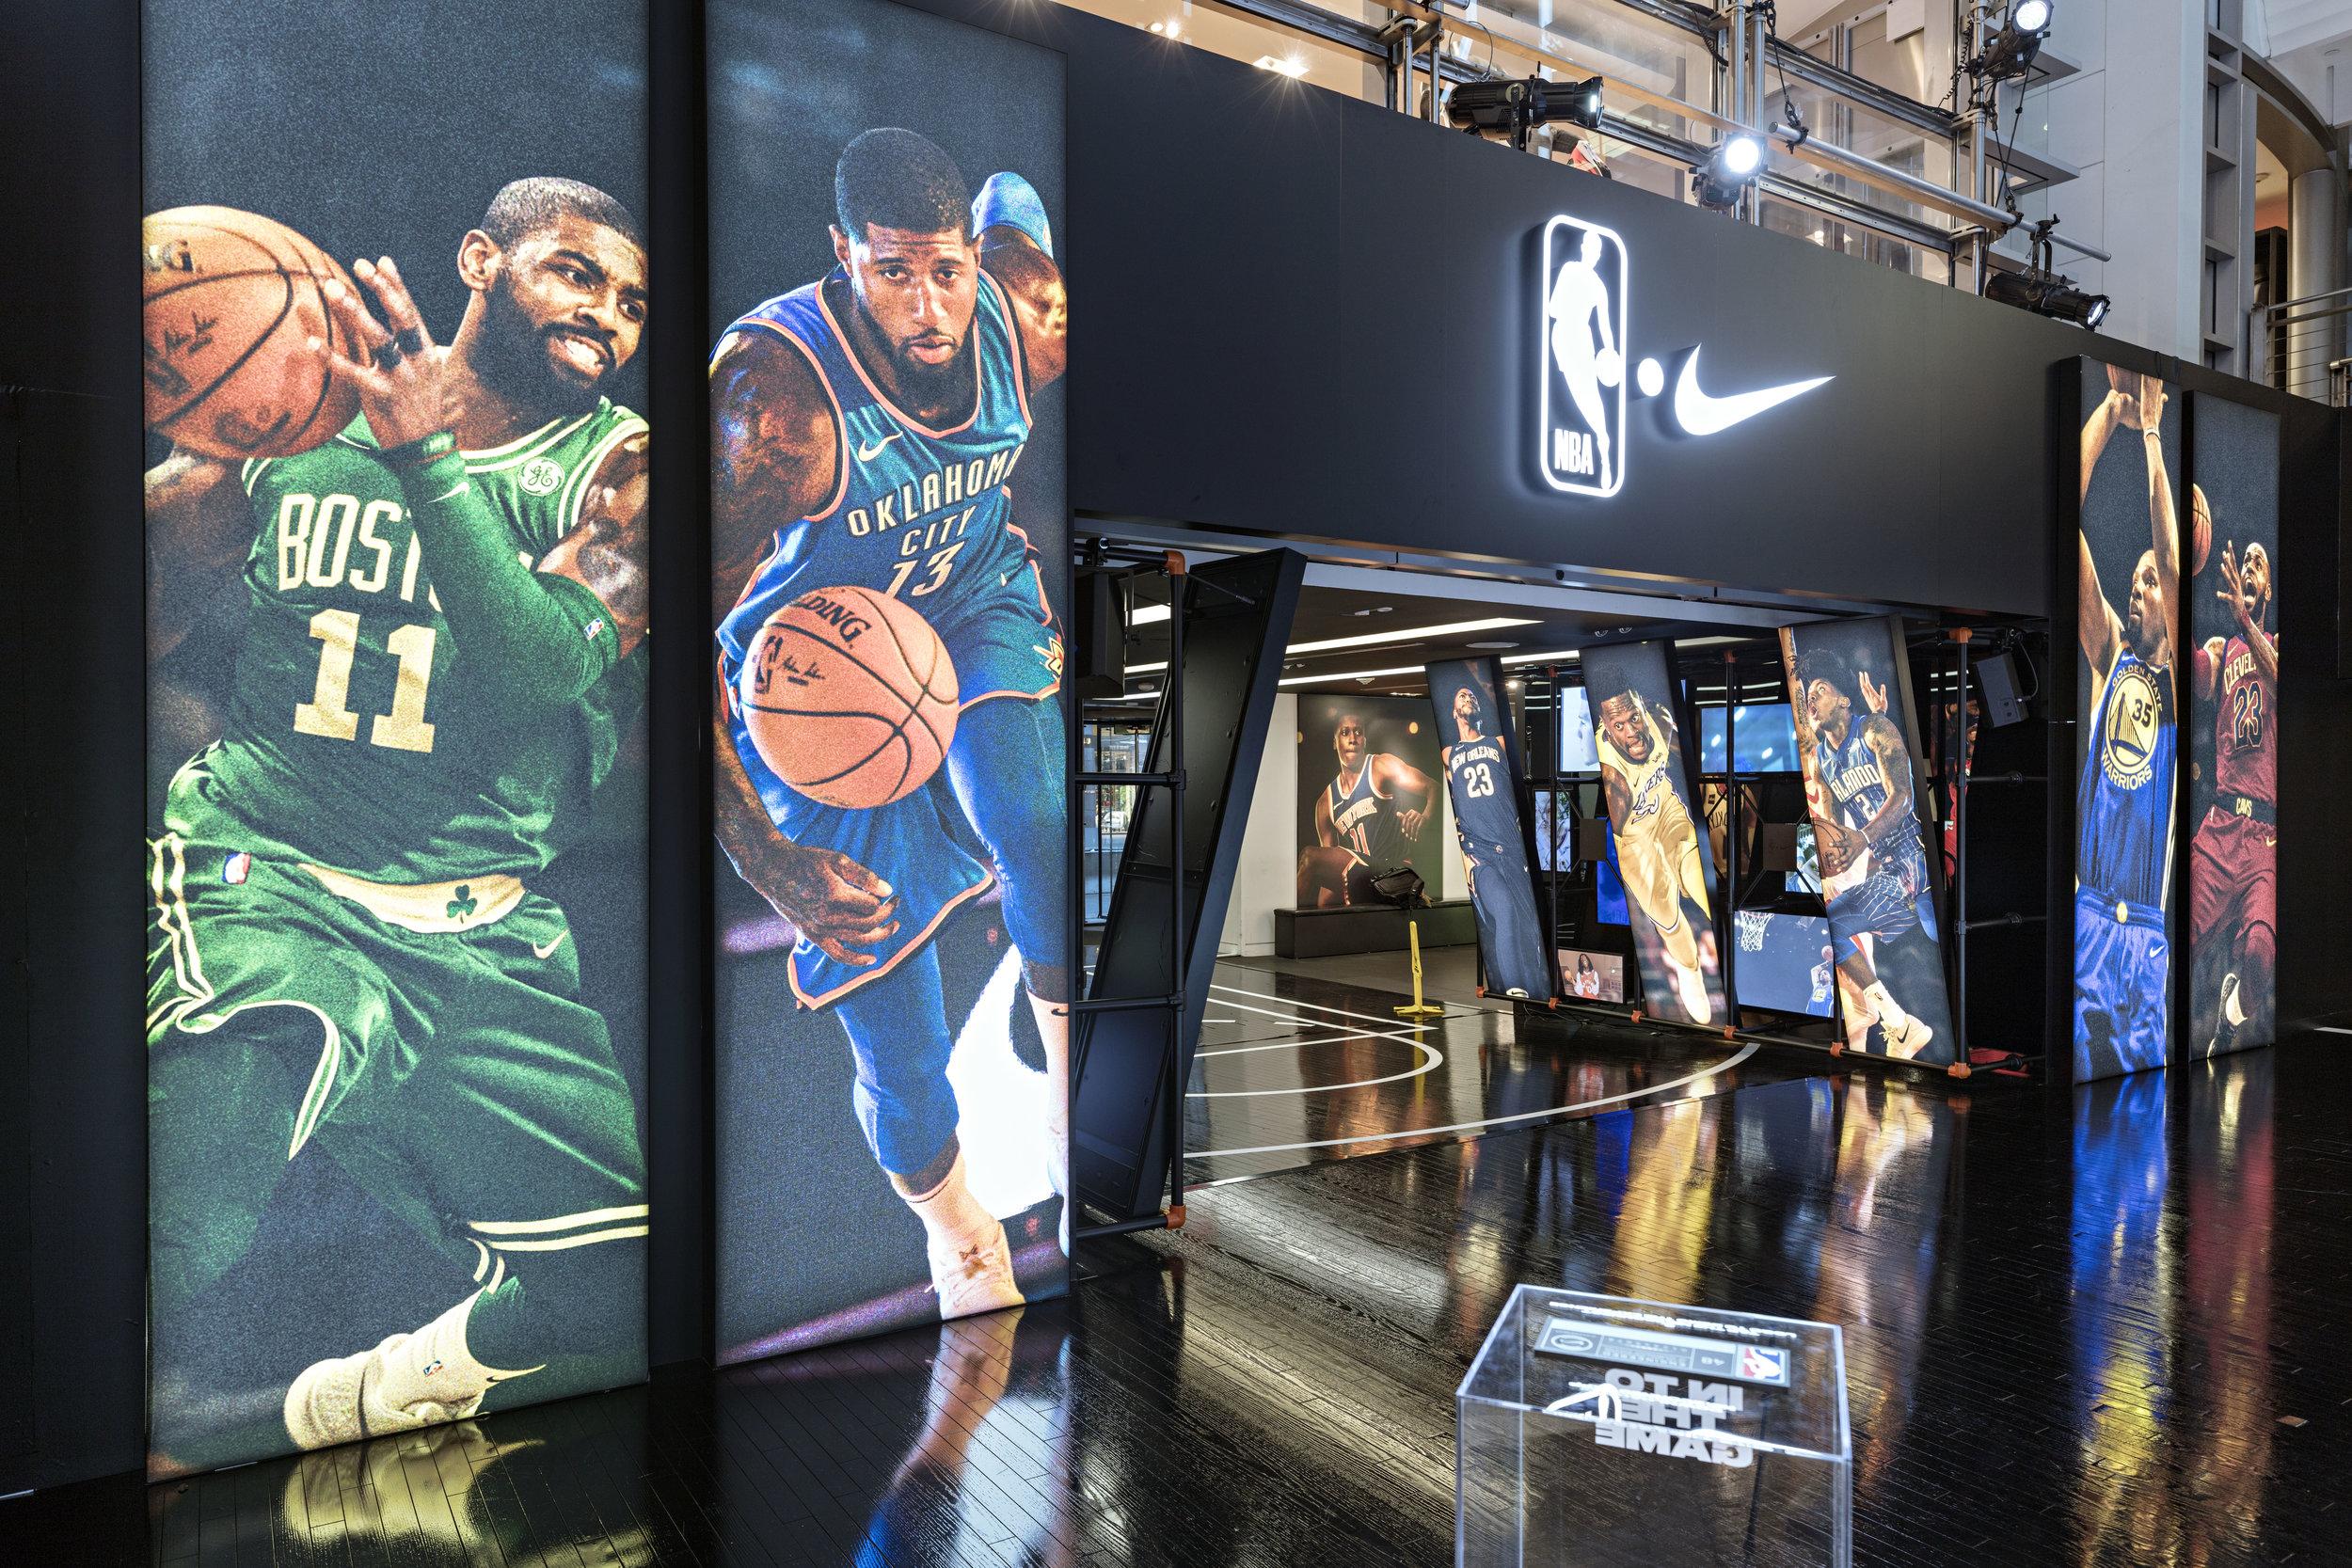 NiketownNBA_2955.jpg